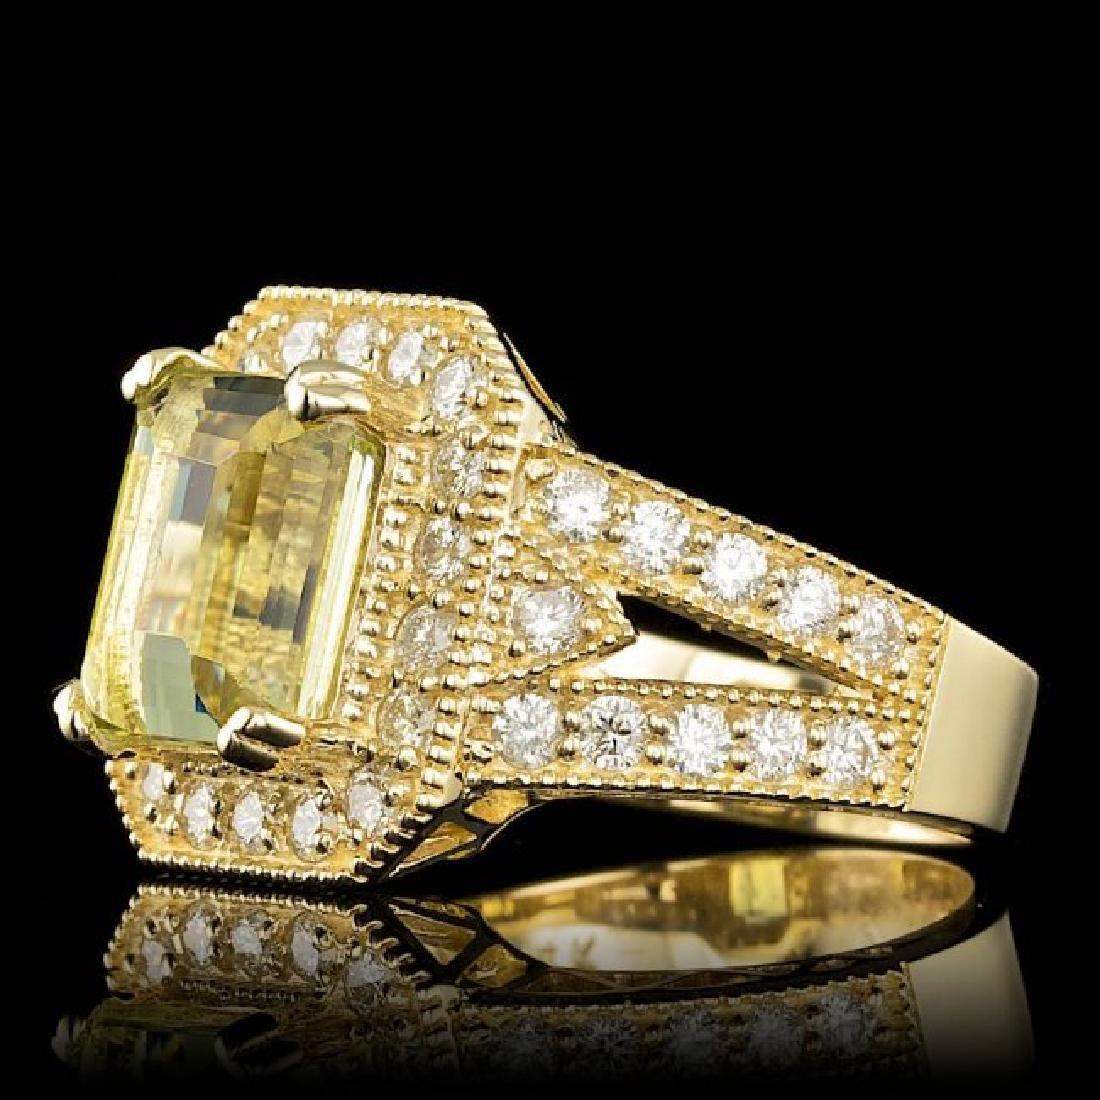 14k Yellow Gold 4.00ct Beryl 1.30ct Diamond Ring - 2